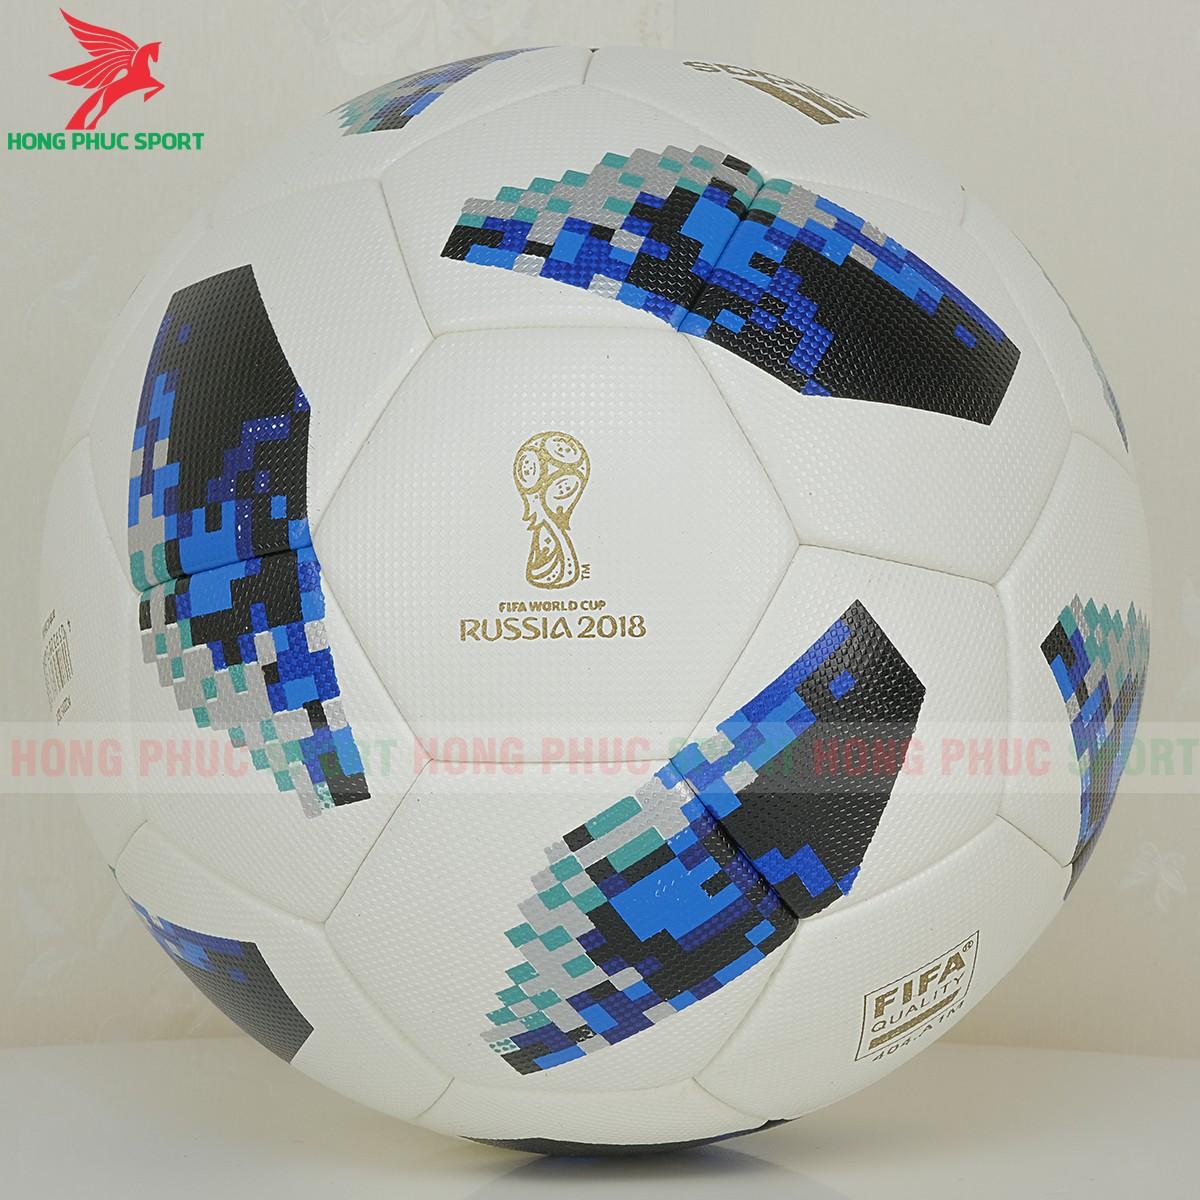 Quả bóng đá World Cup 2018 Telstar 18 màu xanh